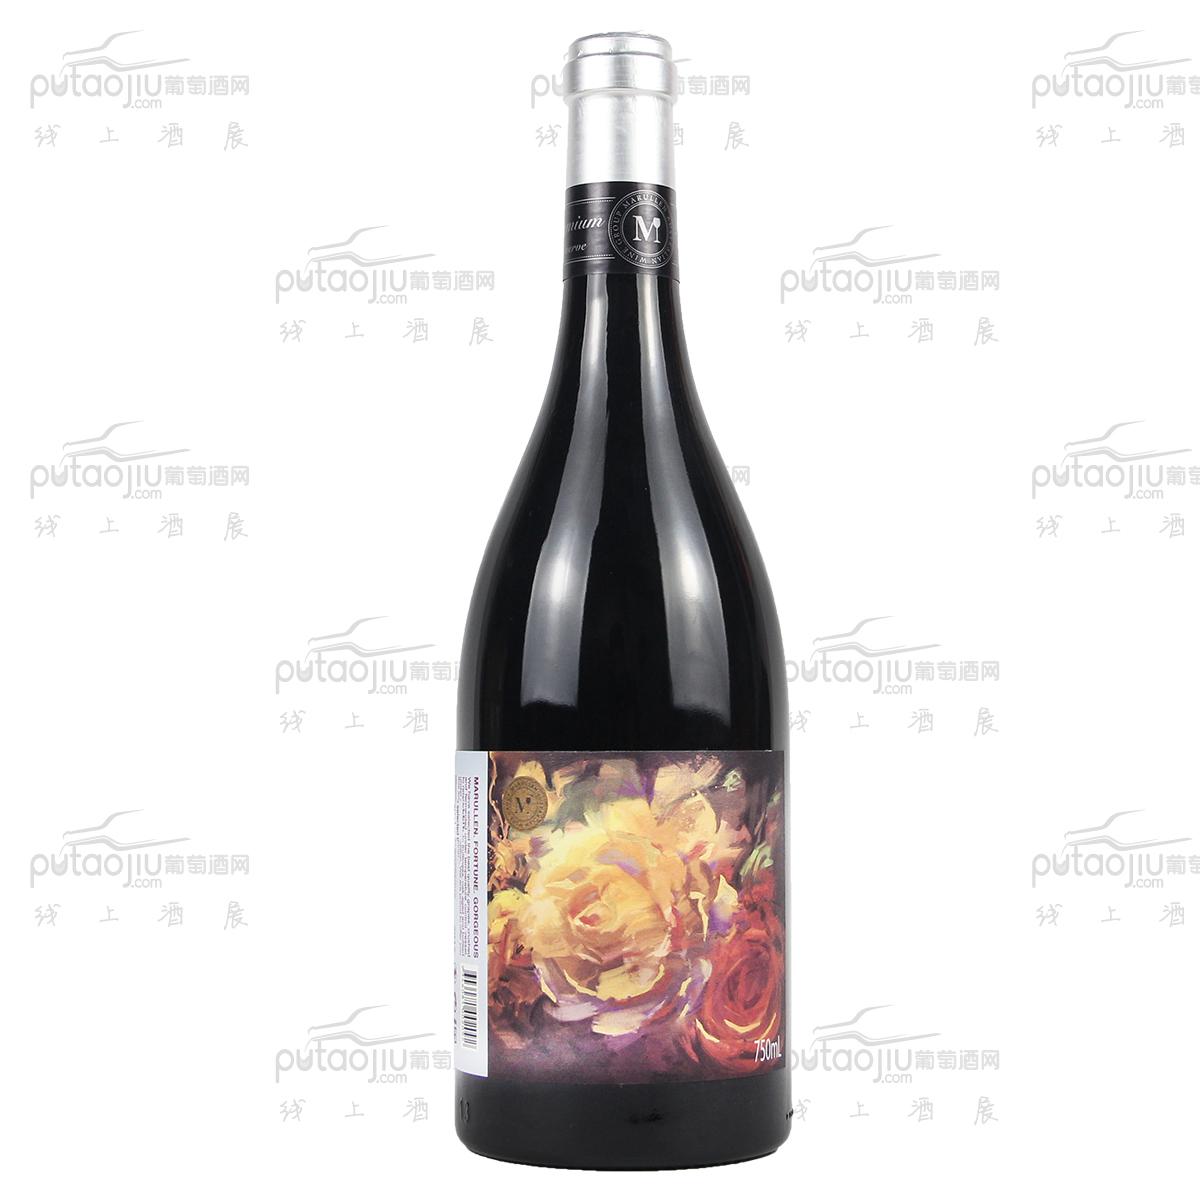 澳大利亚麦克拉伦谷产区盛宴酒庄萬瑞涞赤霞珠梅洛幸运星. 绚丽干红葡萄酒